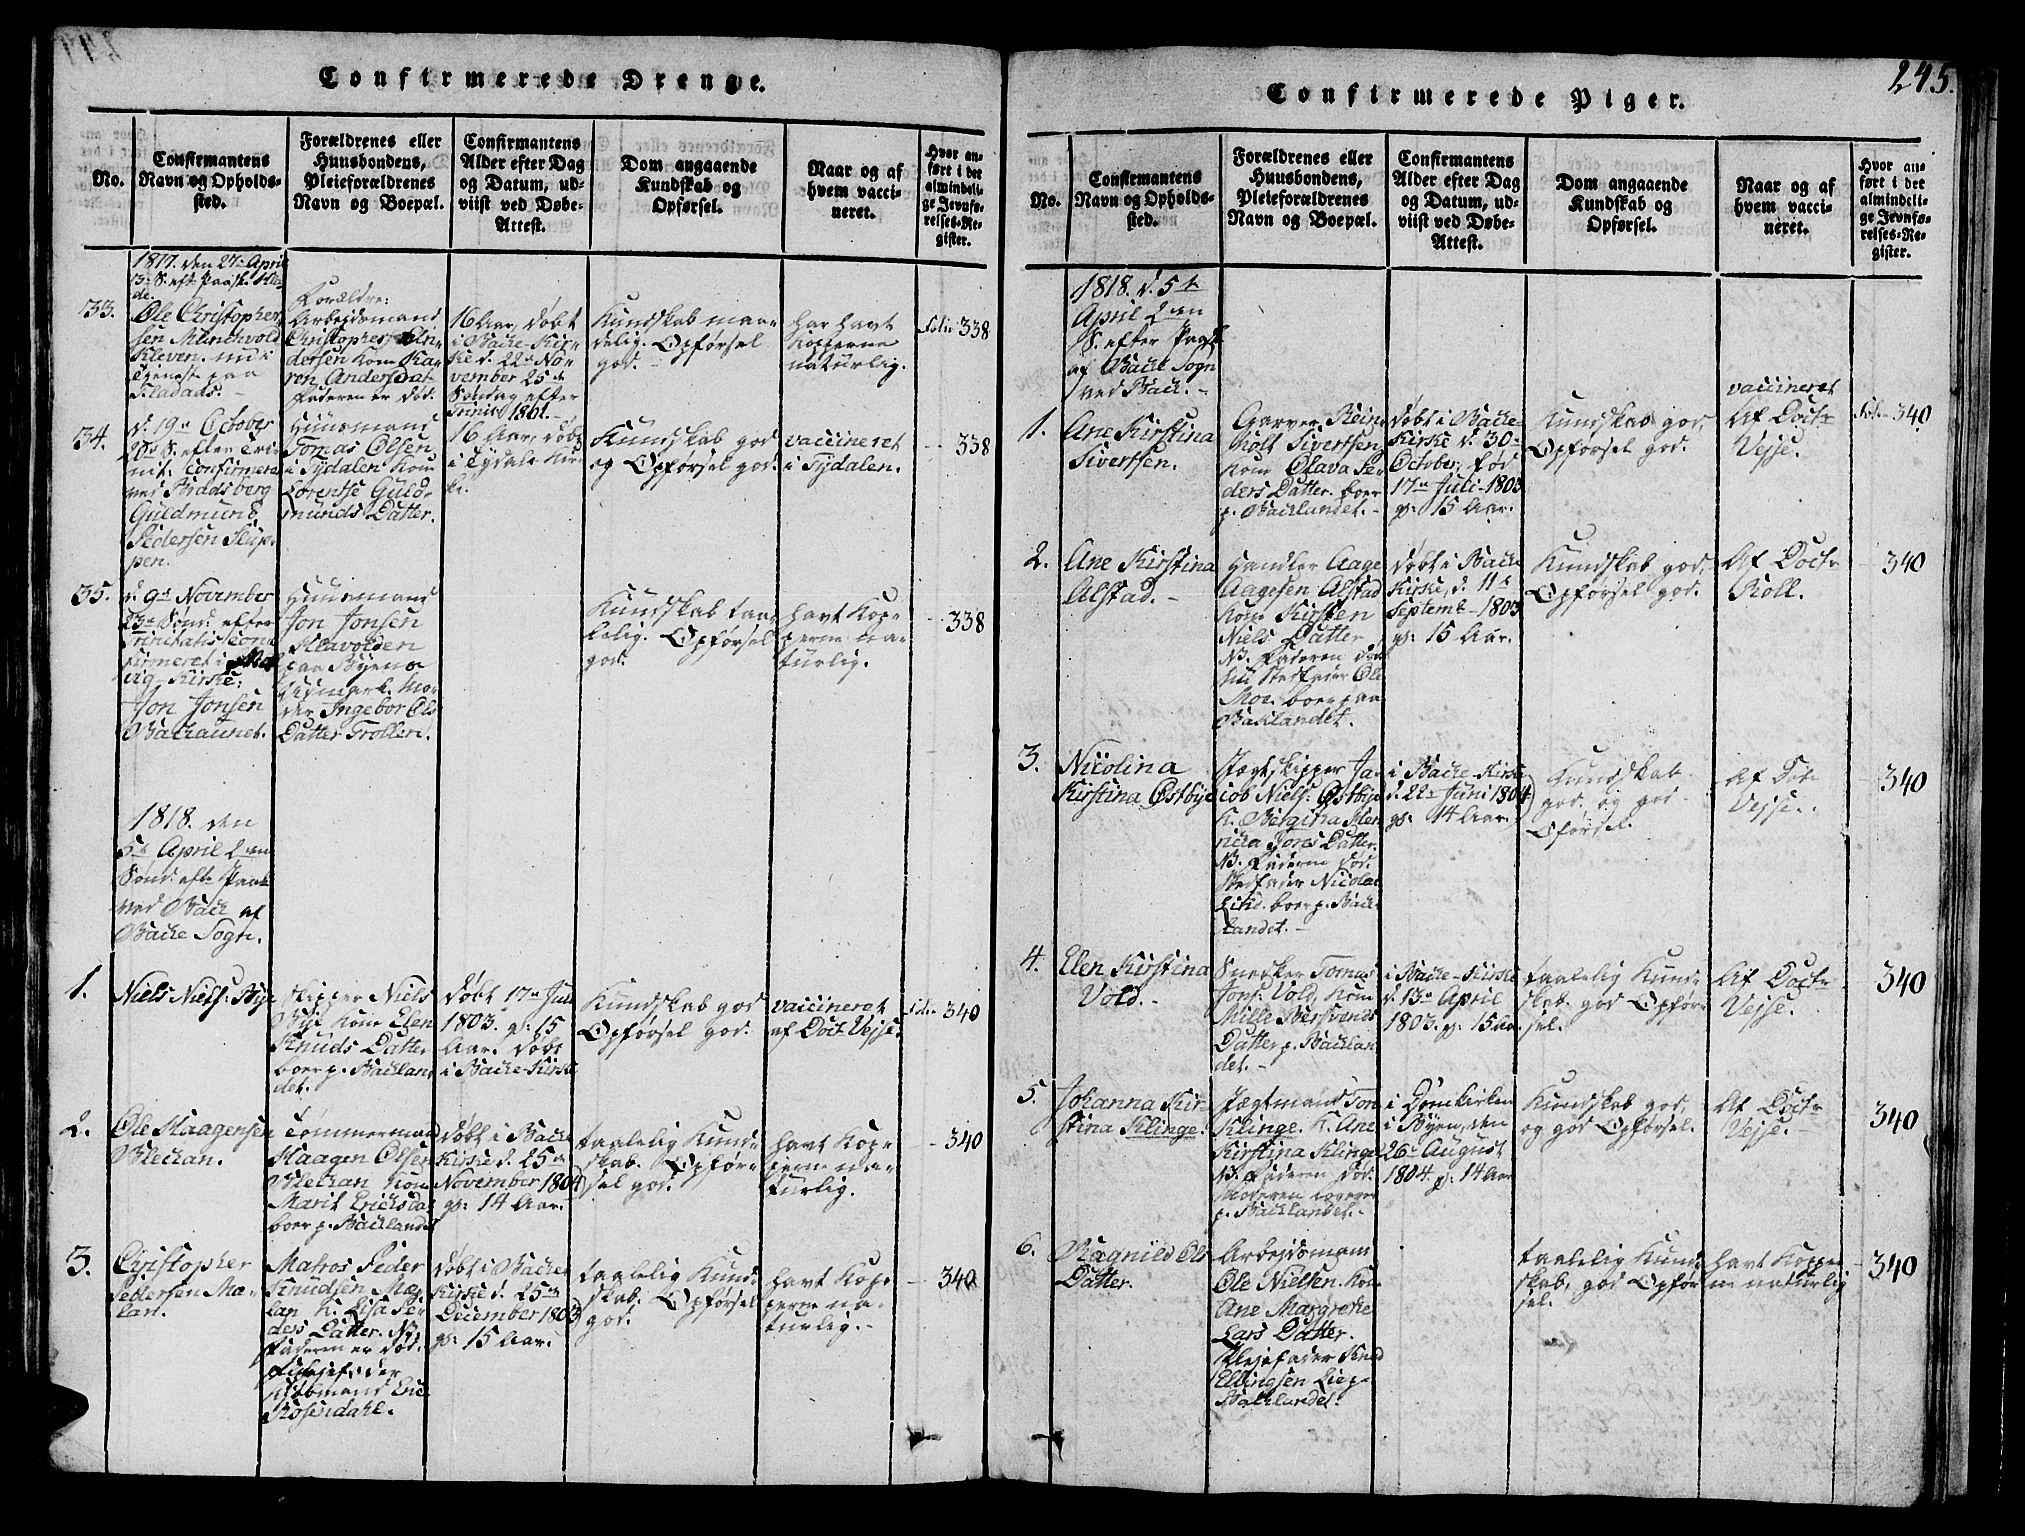 SAT, Ministerialprotokoller, klokkerbøker og fødselsregistre - Sør-Trøndelag, 606/L0307: Klokkerbok nr. 606C03, 1817-1824, s. 245